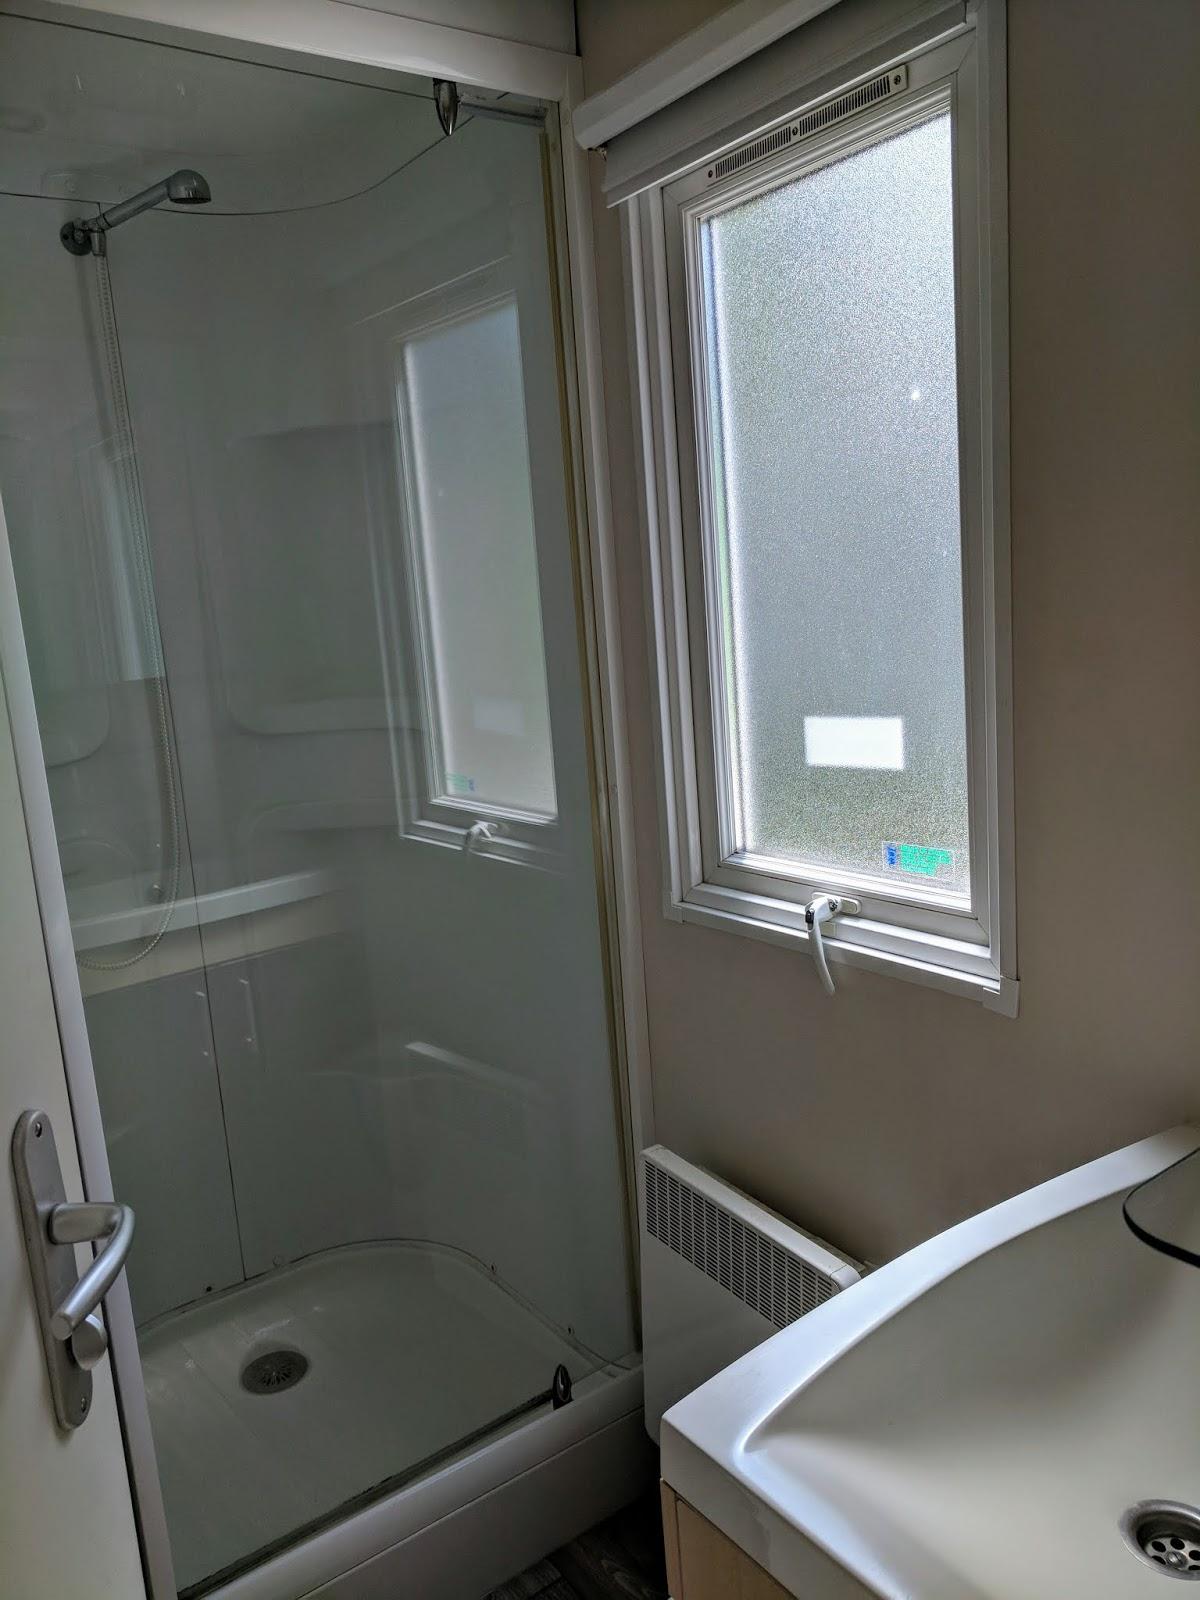 Eurocamp Esprit Shower Room